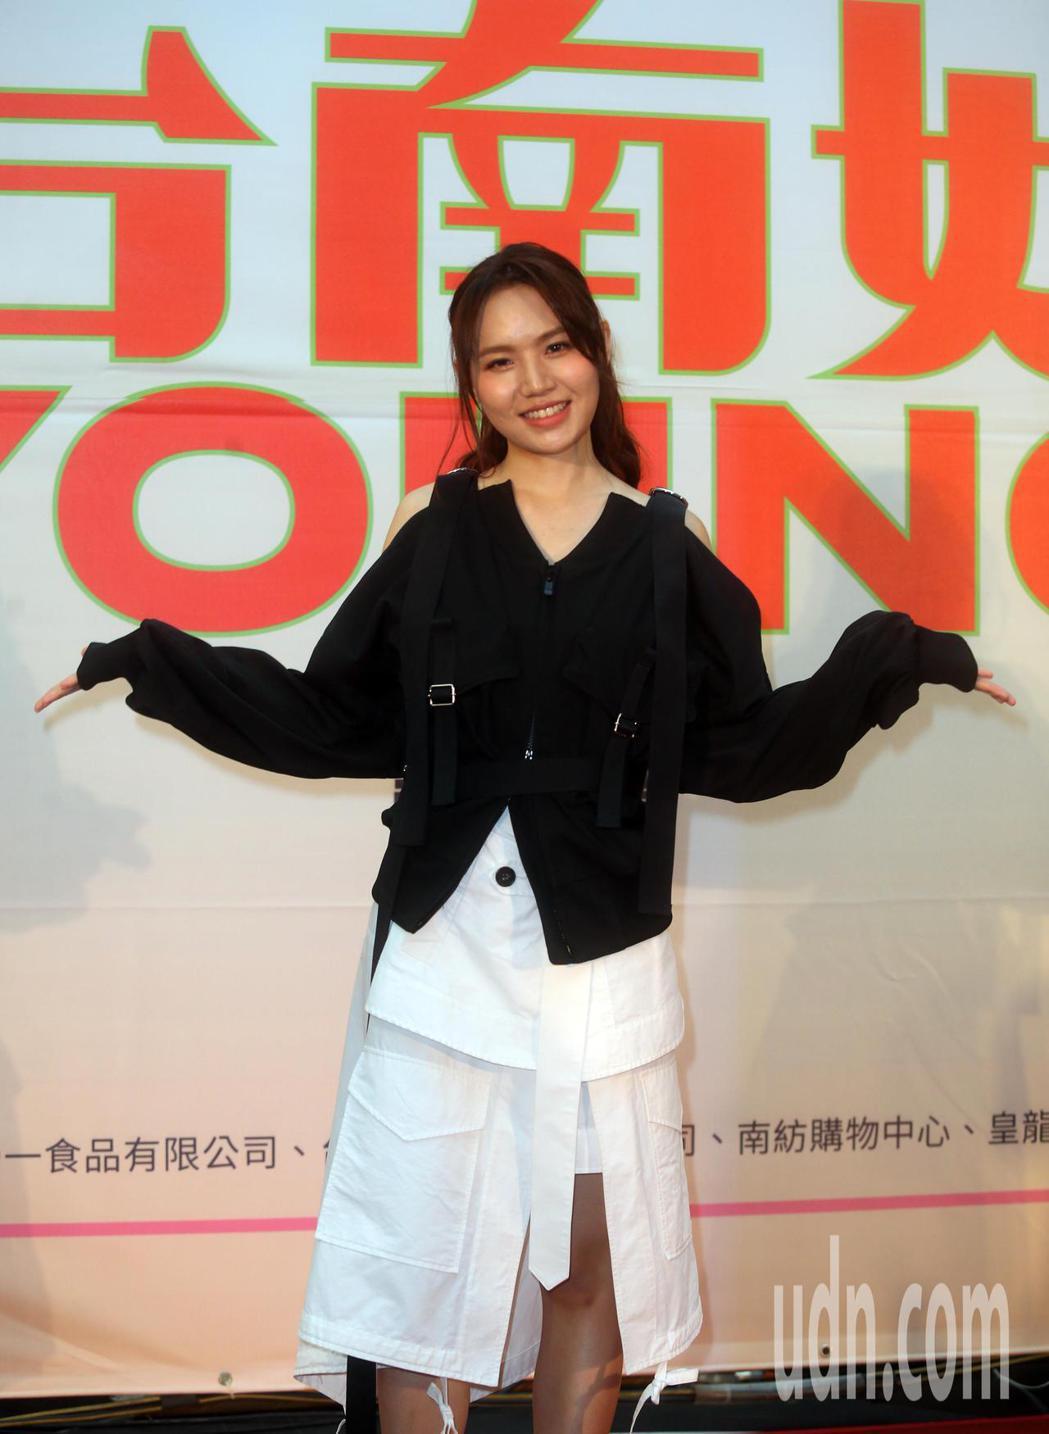 文慧如上午出席「台南好YOUNG」台南耶誕跨年系列活動公佈記者會。記者曾吉松/攝...